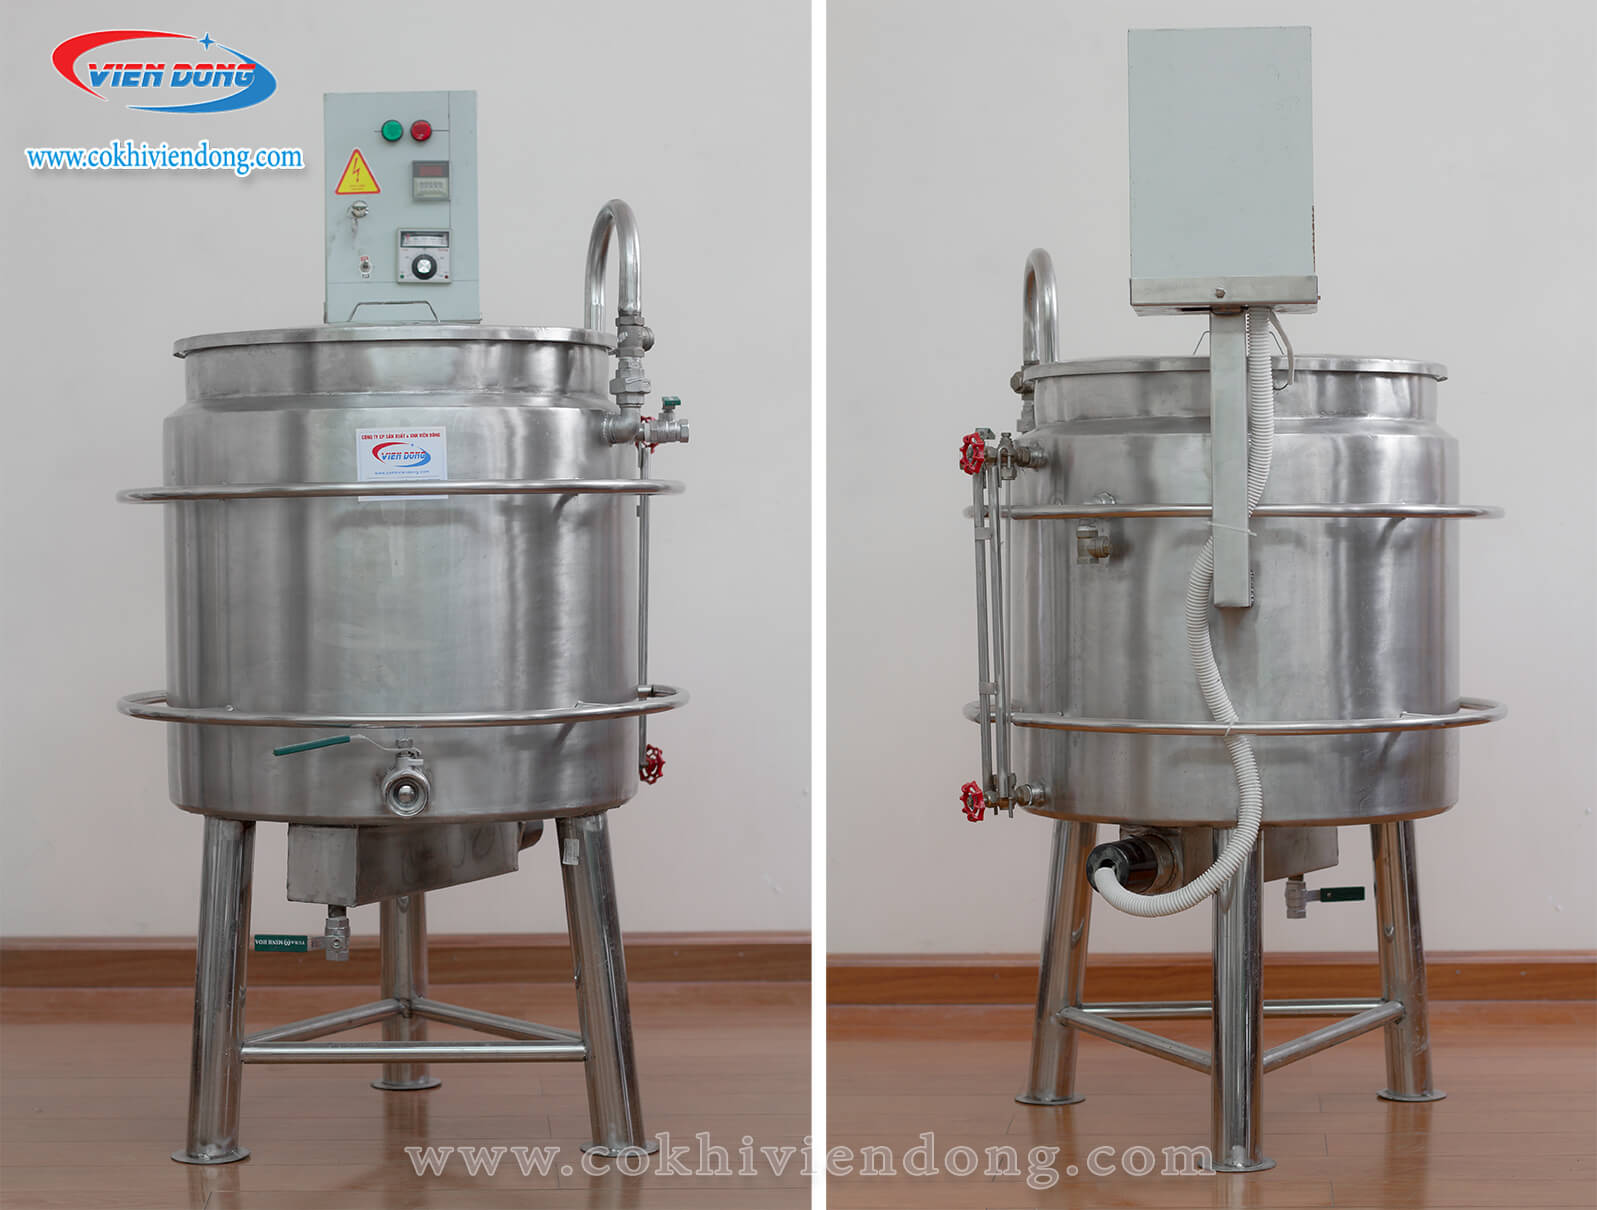 Sử dụng và vệ sinh nồi nấu sữa đậu nành đúng cách